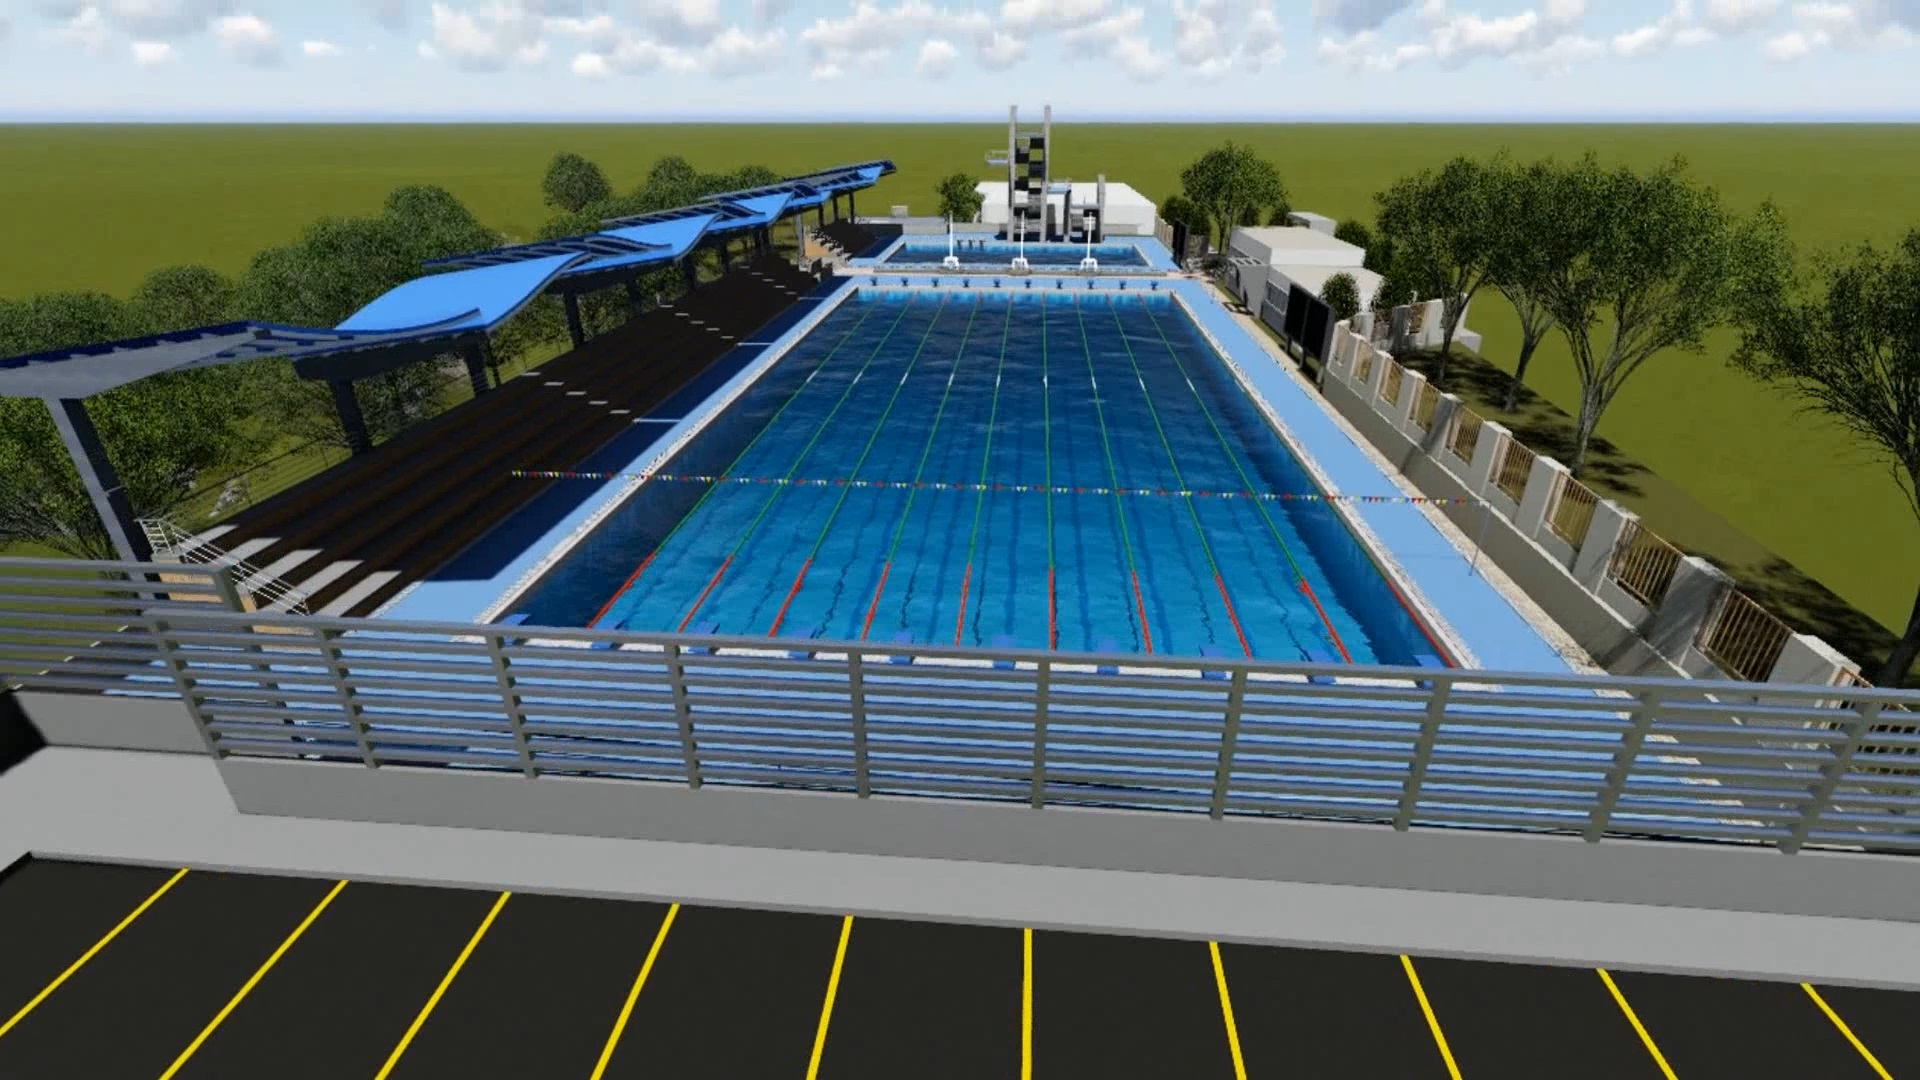 Hay preocupación e inquietud entre los nadadores santandereanos por el evidente retraso en las obras de construcción del complejo acuático de alto rendimiento, planificado en Piedecuesta.